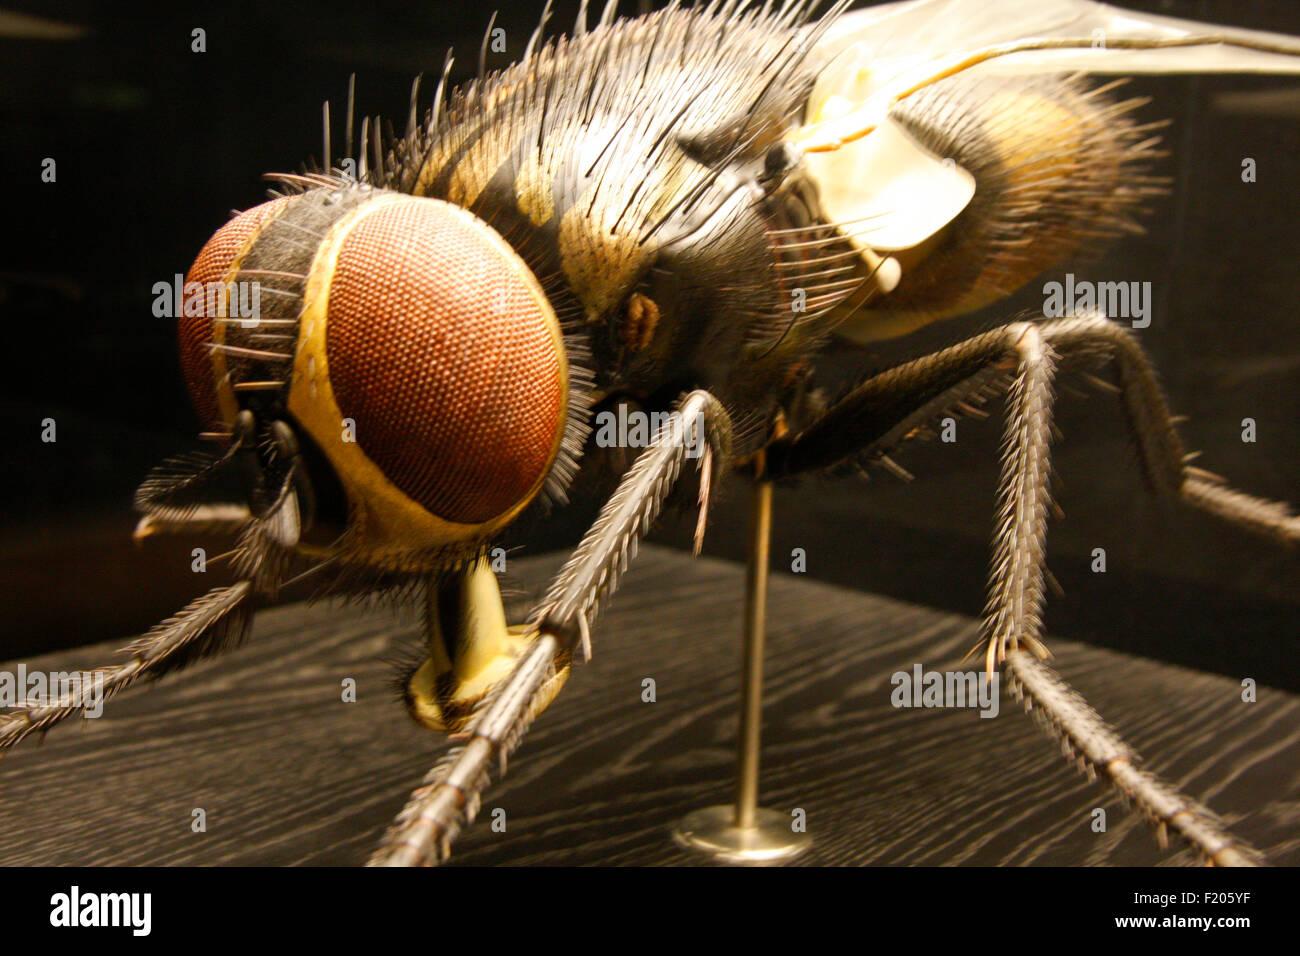 ein Modell einer Stubenfliege - Exponate im Naturhistorischen Museum, Berlin-Mitte. Stock Photo